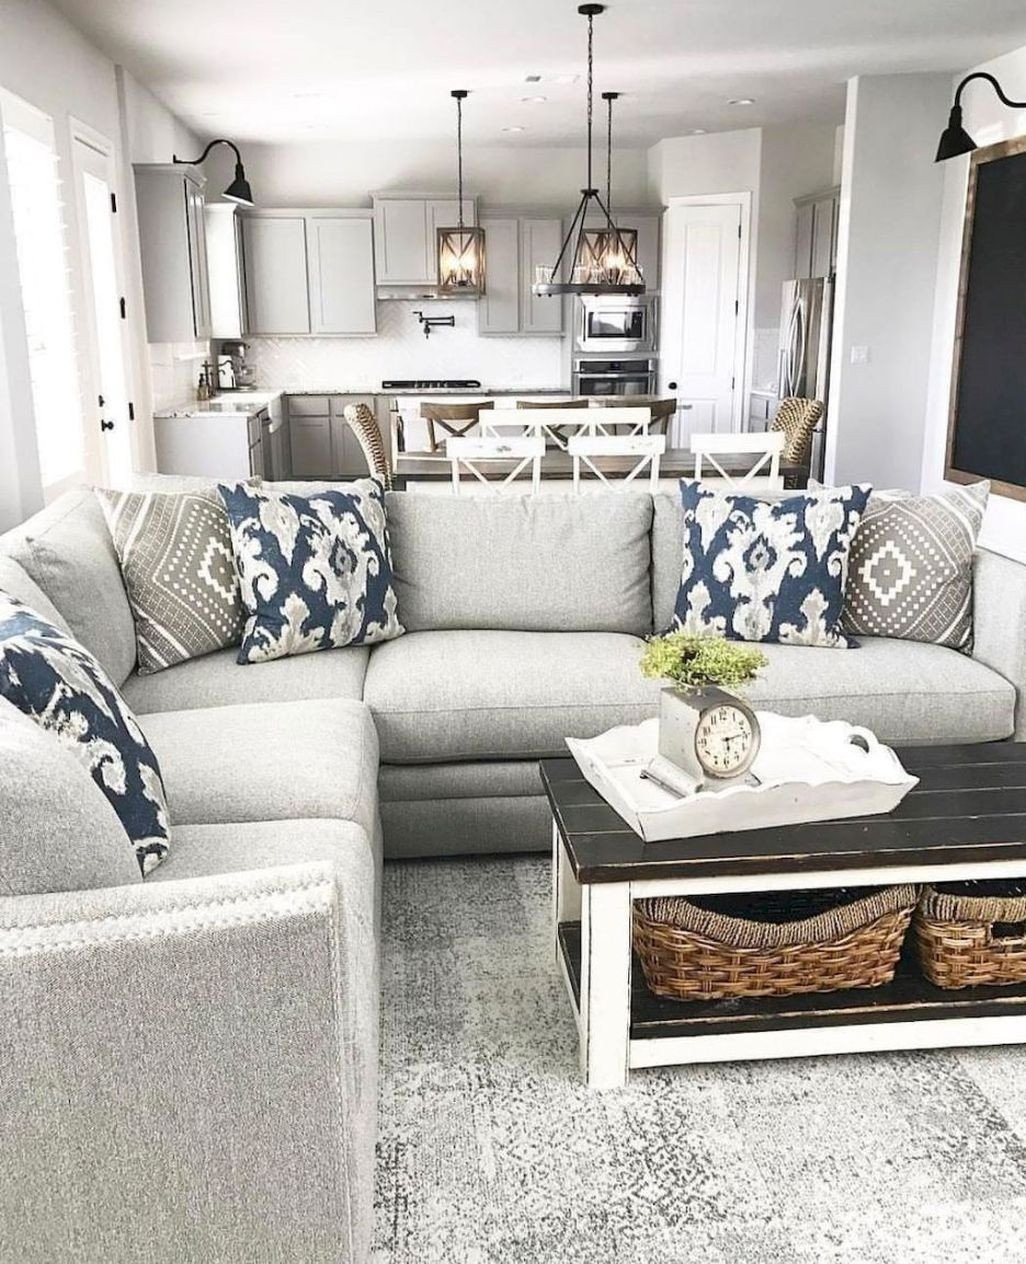 Farmhouse Living Room Curtains Decor Ideas 46 Best Farmhouse Home Decor Ideas You Will totally Love